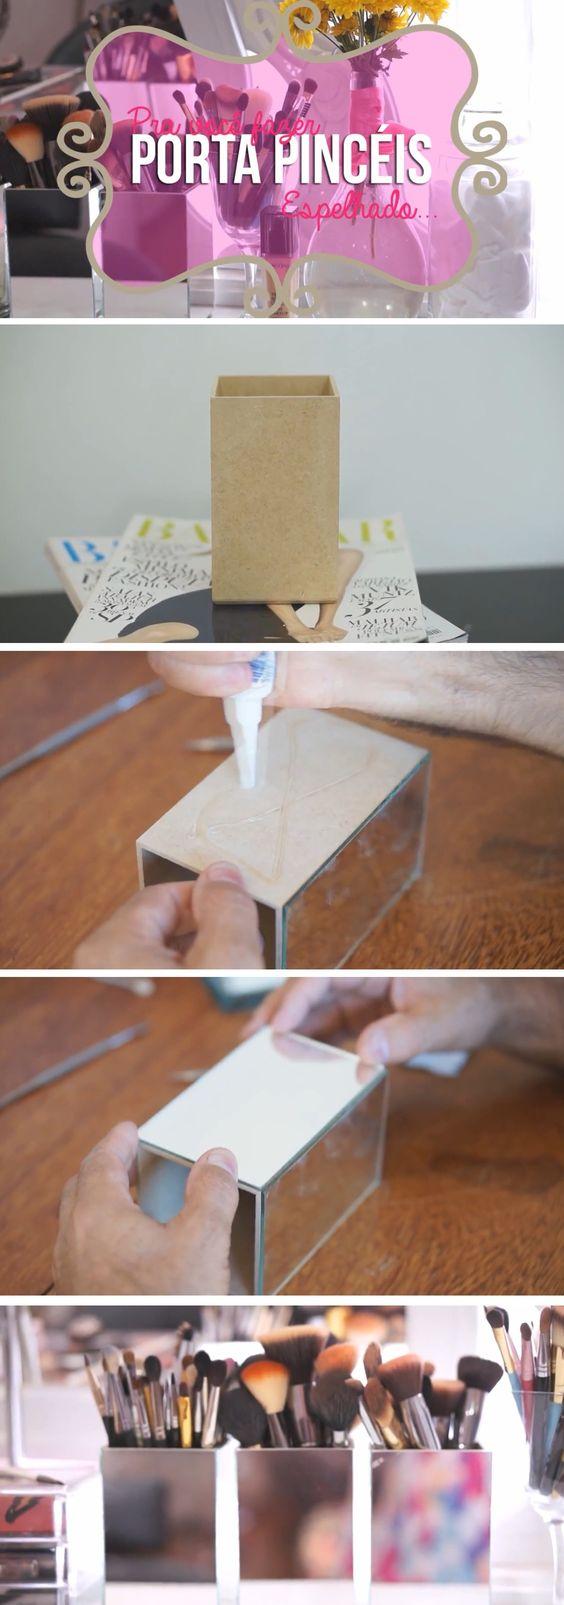 Porta pincél espelhado para deixar o ambiente mais glamuroso. A caixinha é facilmente encontrada em lojas de artesanato por um preço muito barato e o espelho pode ser feito na medida em uma vidraçaria. Genial! http://www.janasabrina.net/